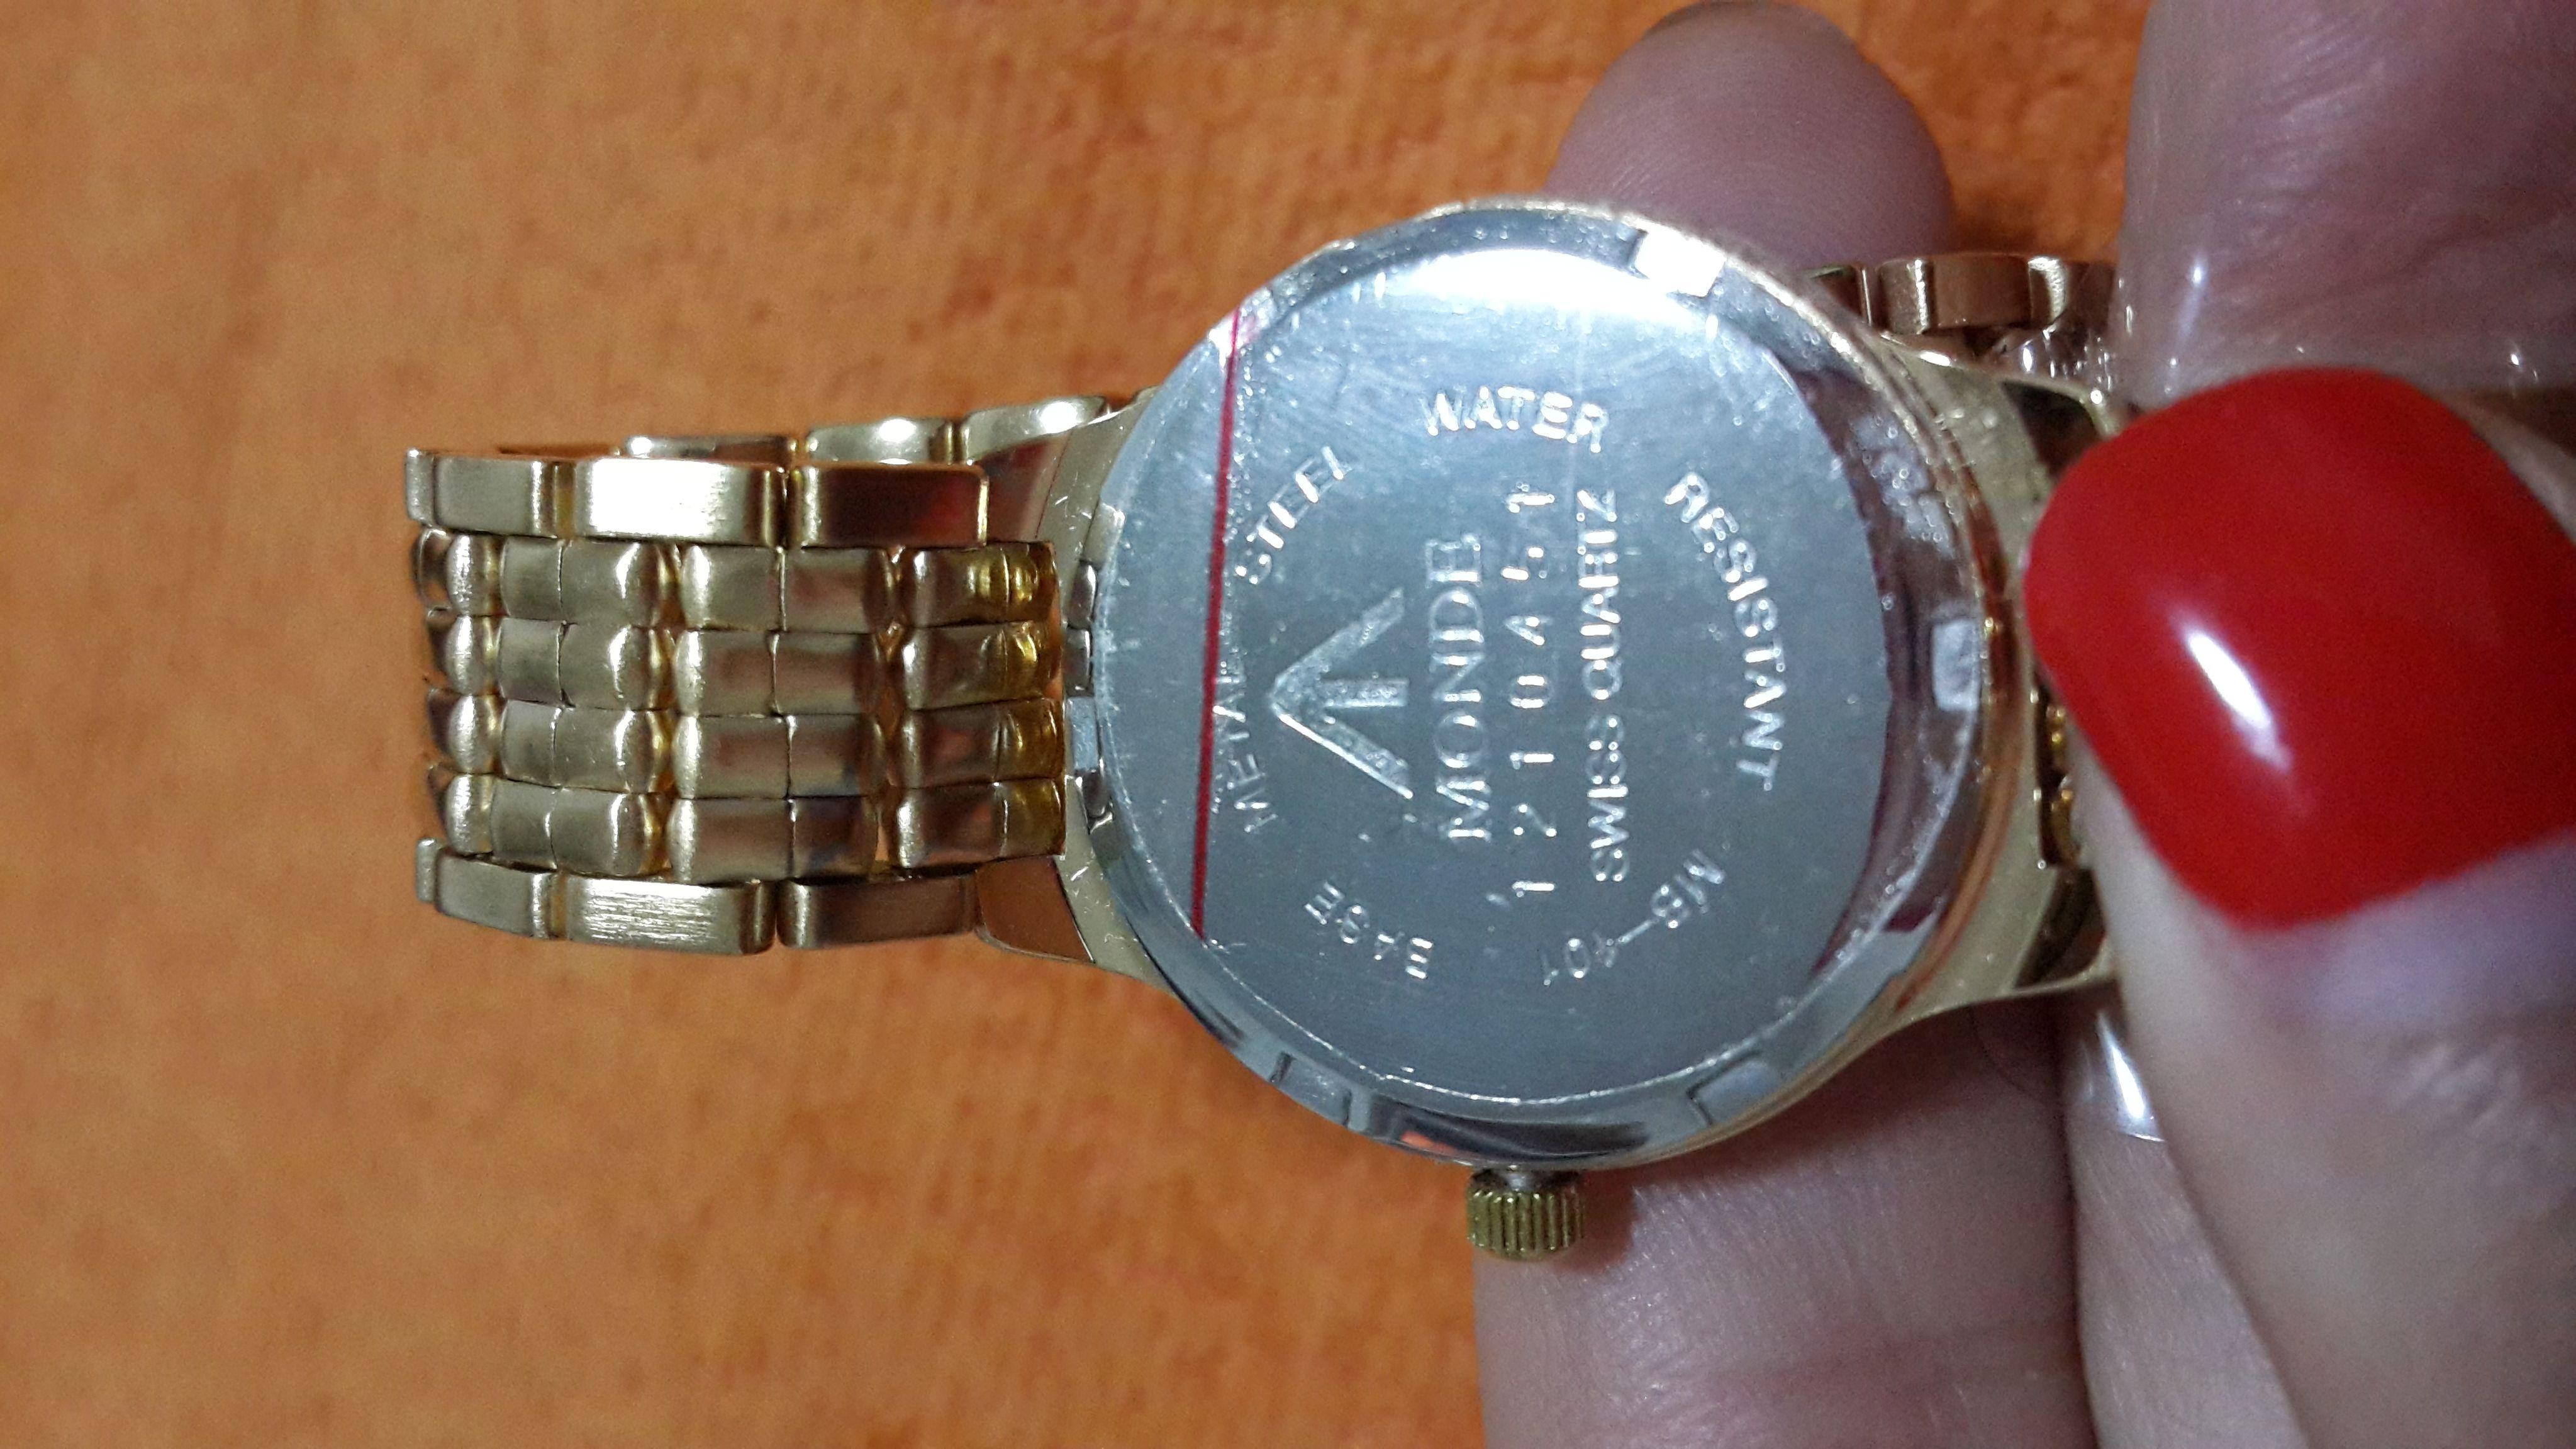 瑞士手表标志图片 手表的品牌有哪些高清图片